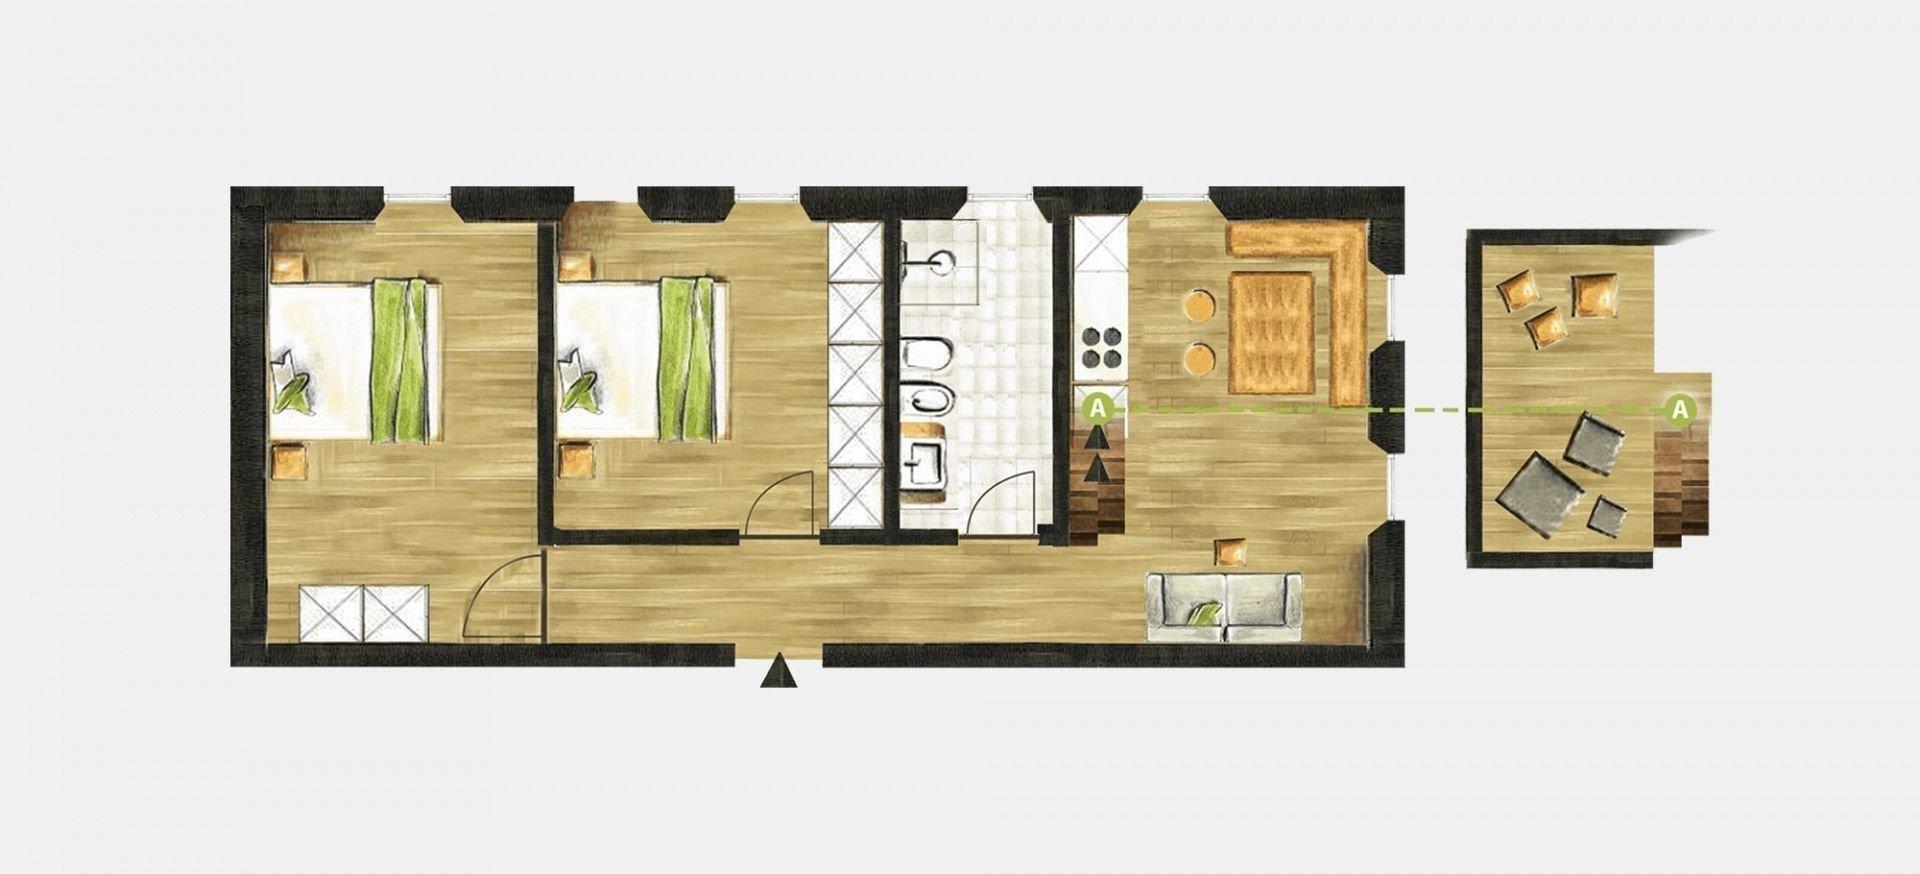 grundriss-ferienwohnung-gitschnkommer-ok